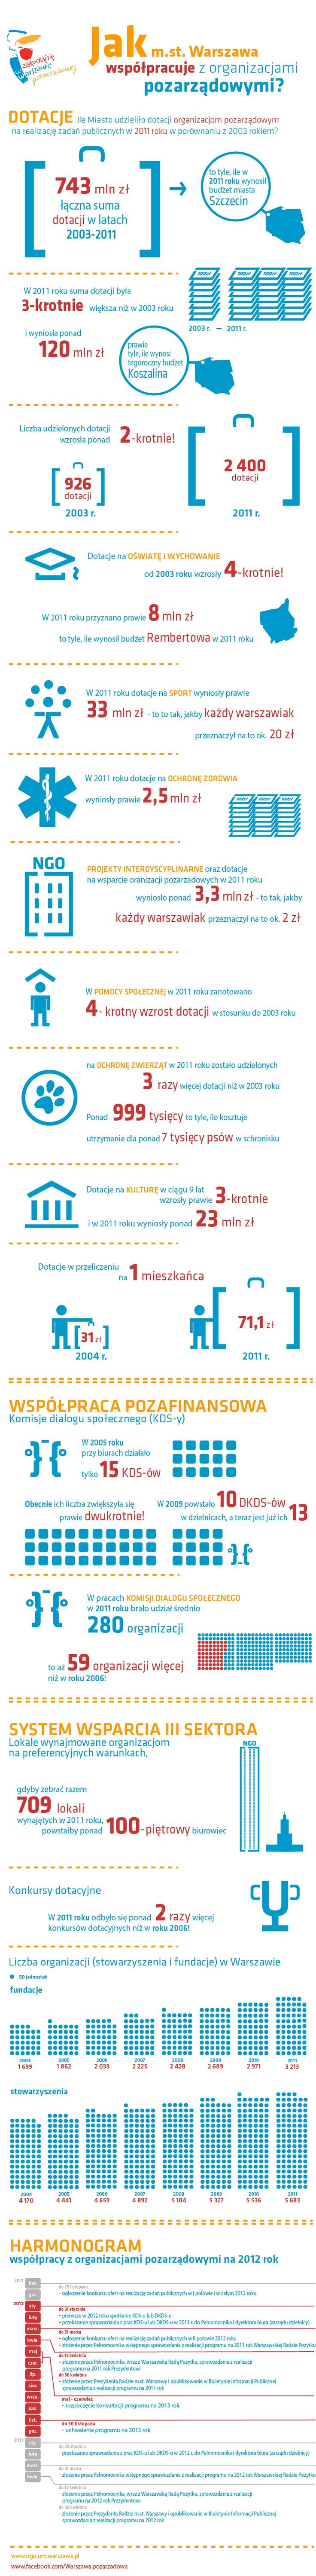 Infografika, która pokazuje, jak m.st. Warszawa współpracuje z organizacjami pozarządowymi